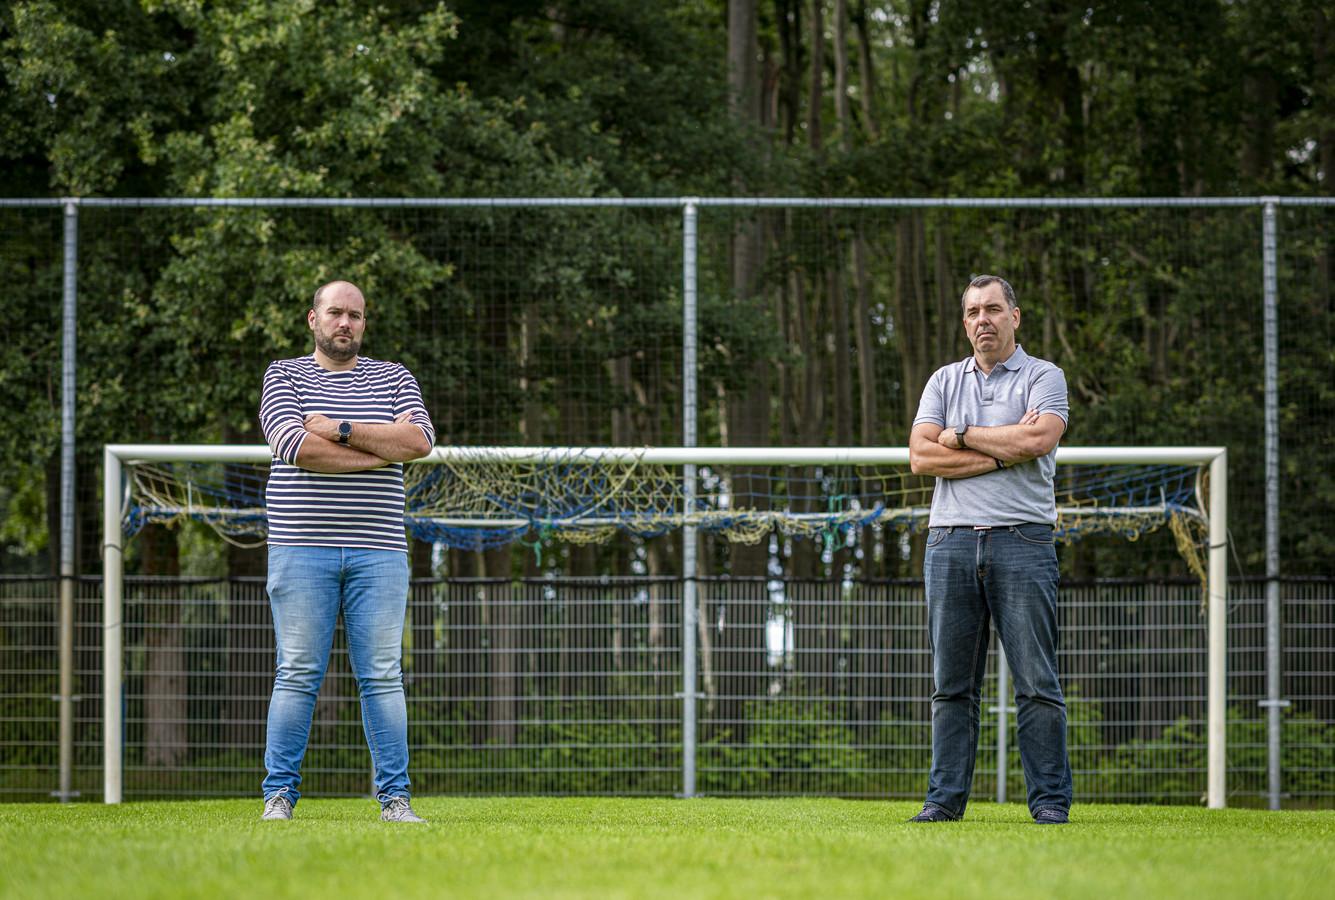 De voorzitters Emile Jager (VV Oeken, links) en Paul Busser (Brummen) zijn niet nader tot elkaar gekomen en verbreken de samenwerking.